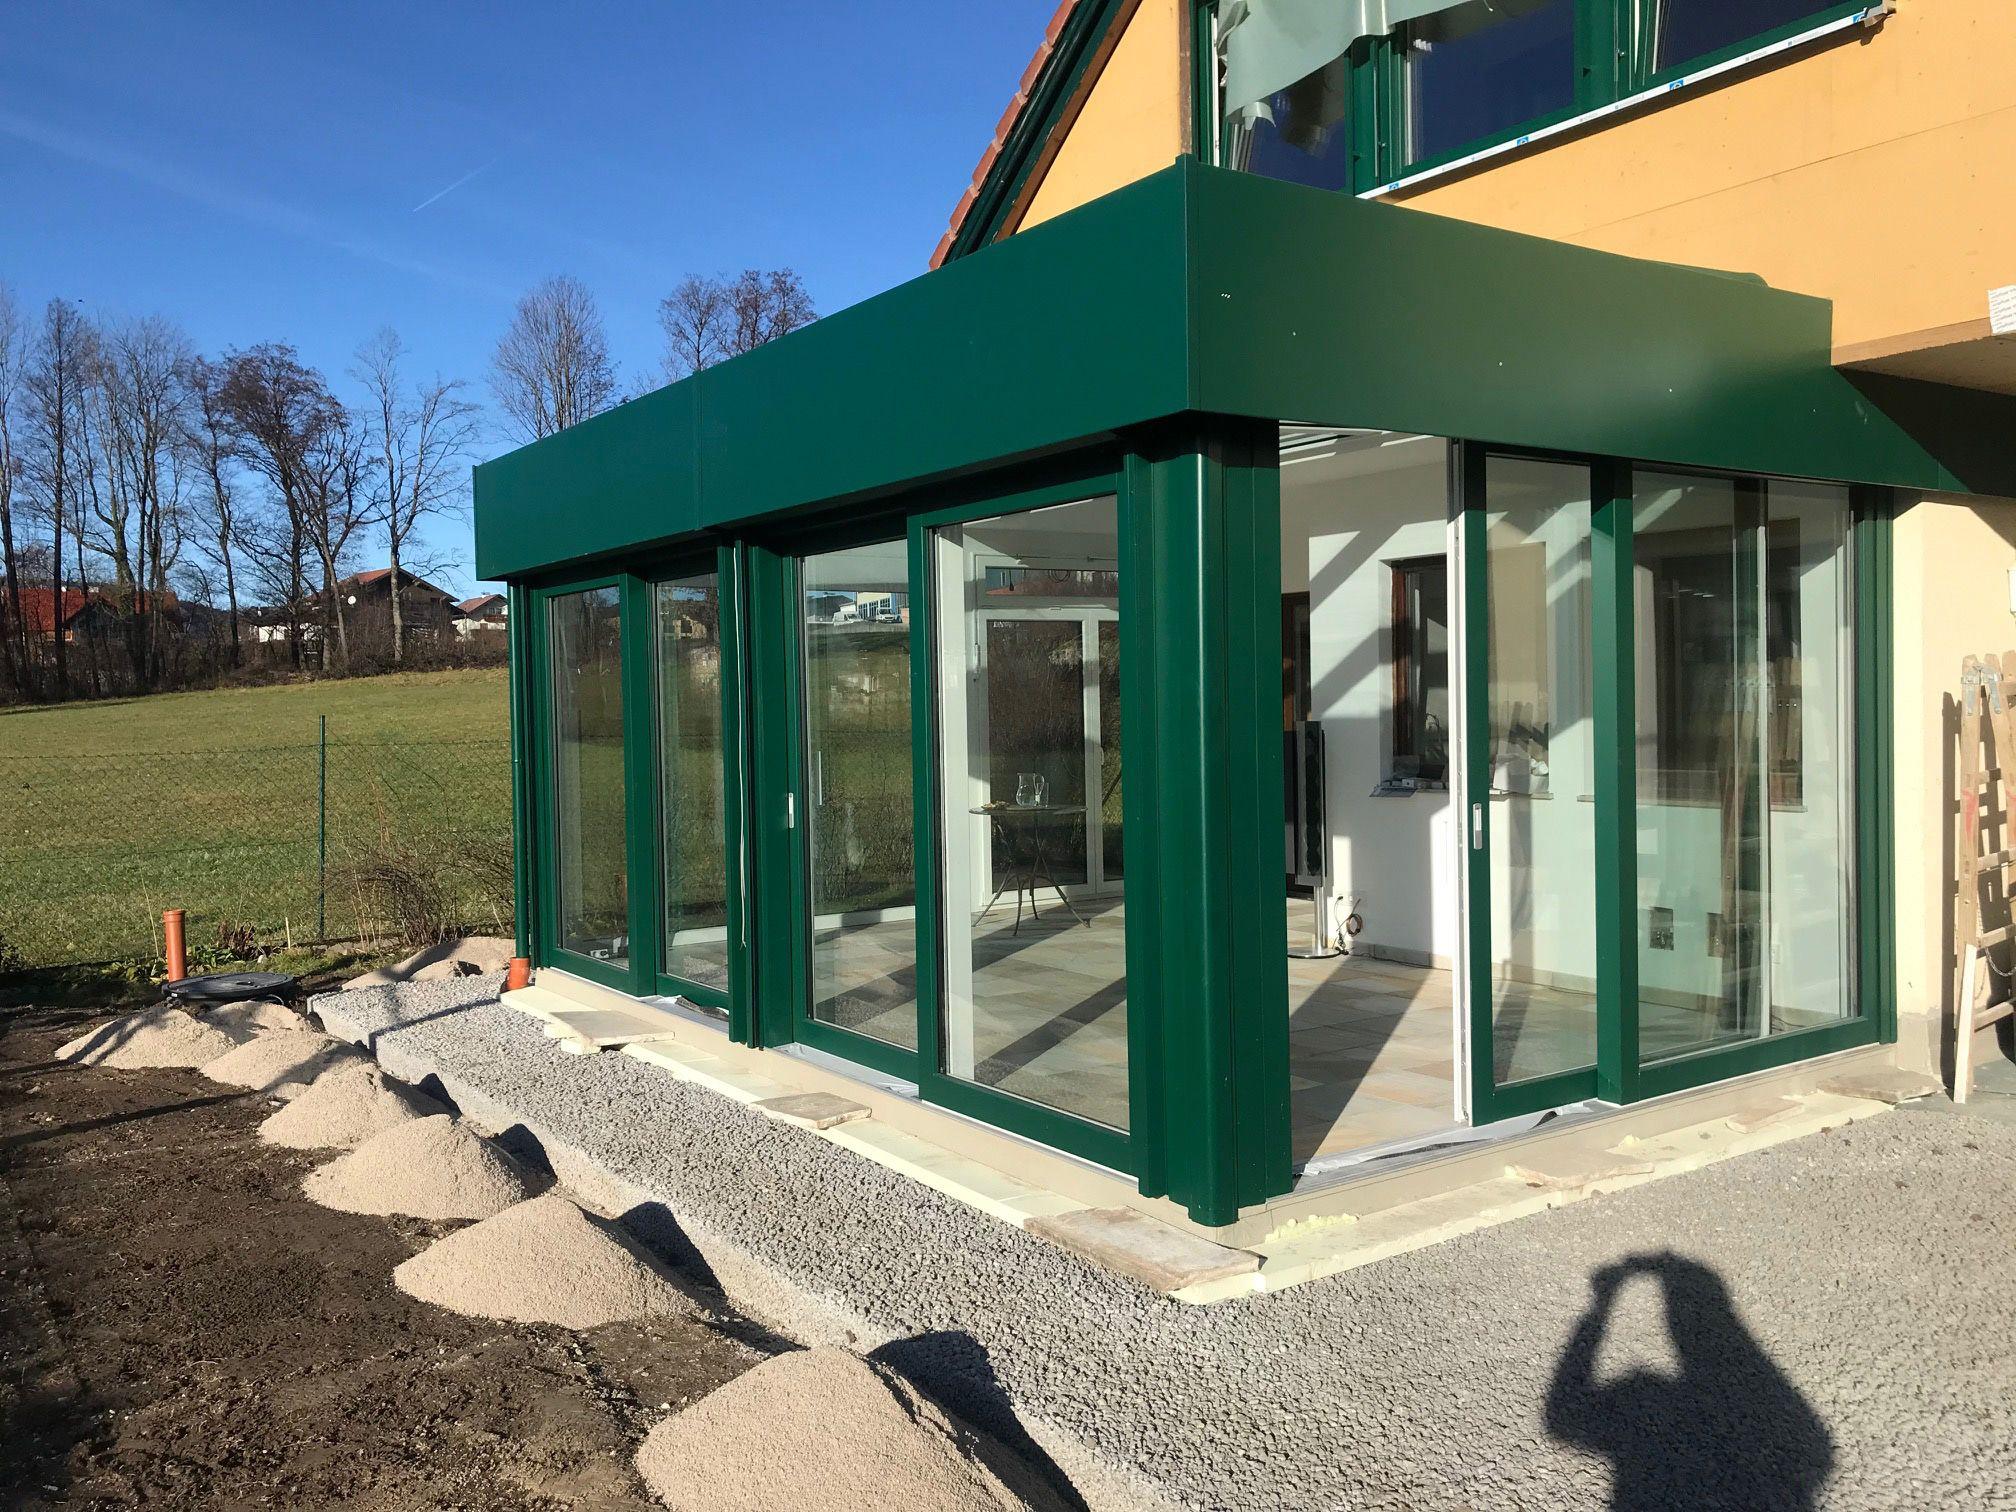 Wintergarten In Moosgrun Montageort Mondsee Oo In 2020